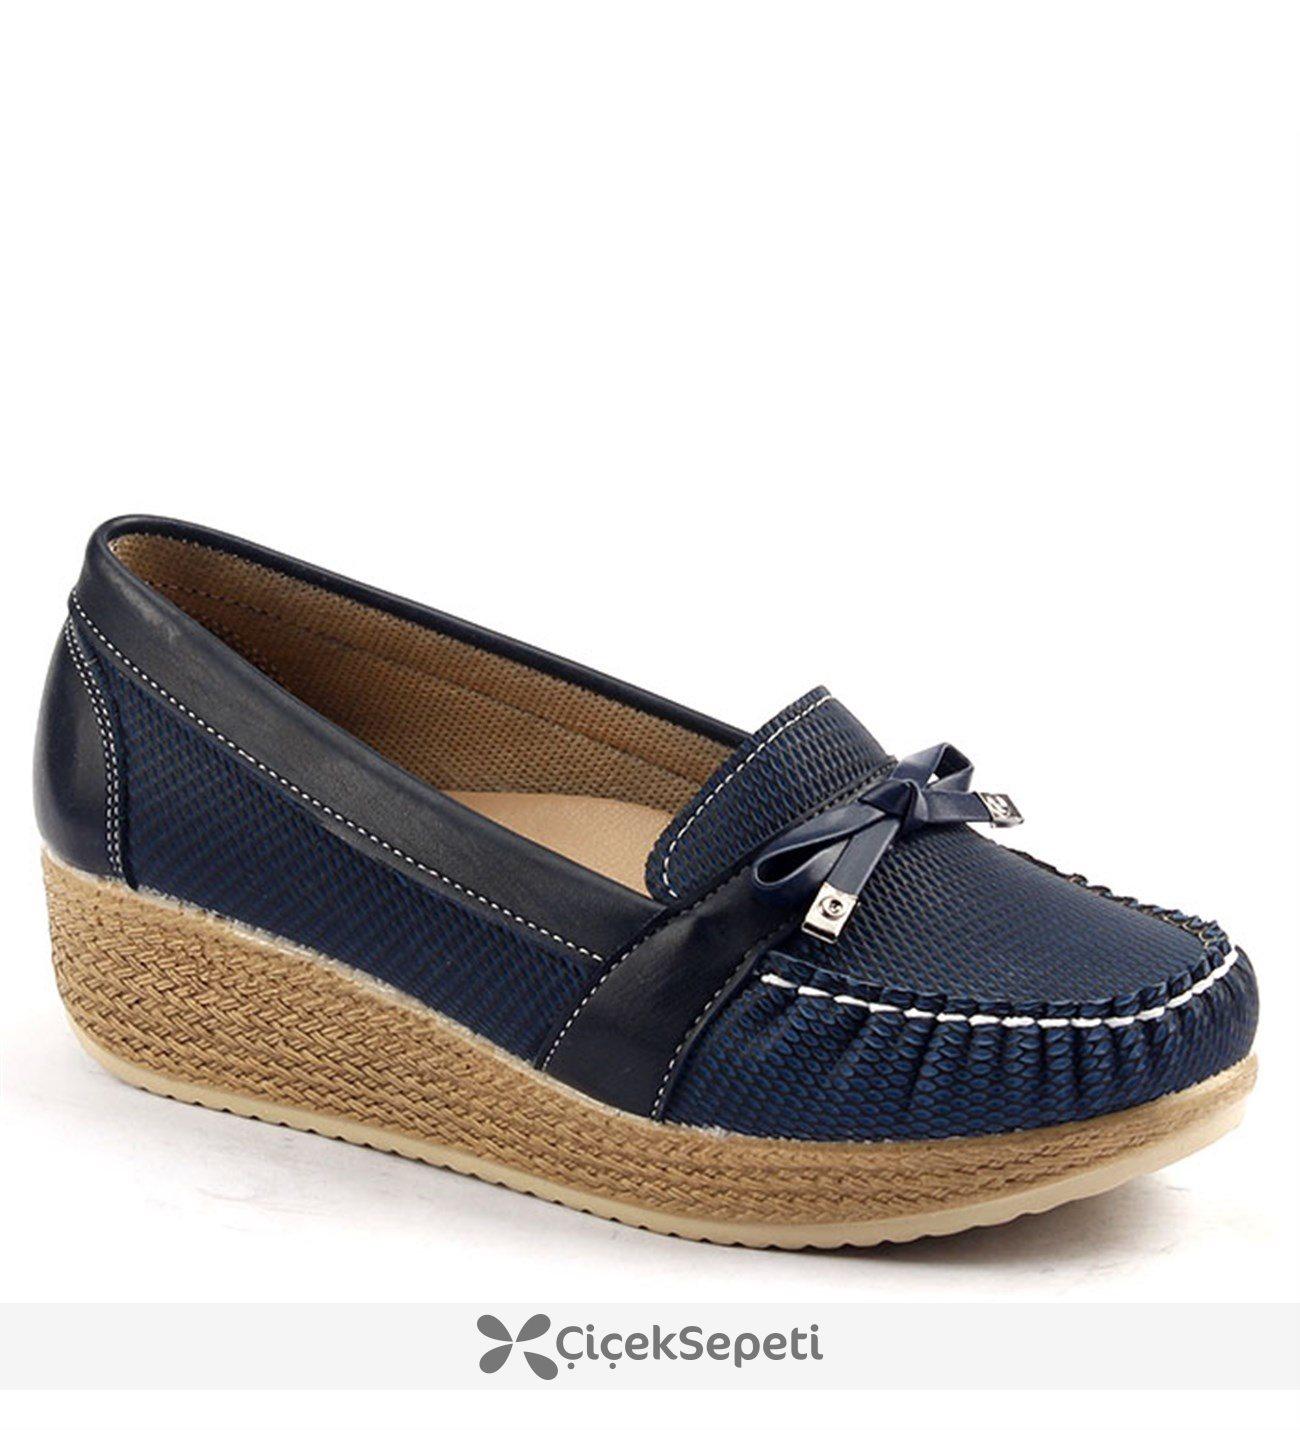 Alens 504 Kalın Taban Günlük Bayan Babet Ayakkabı